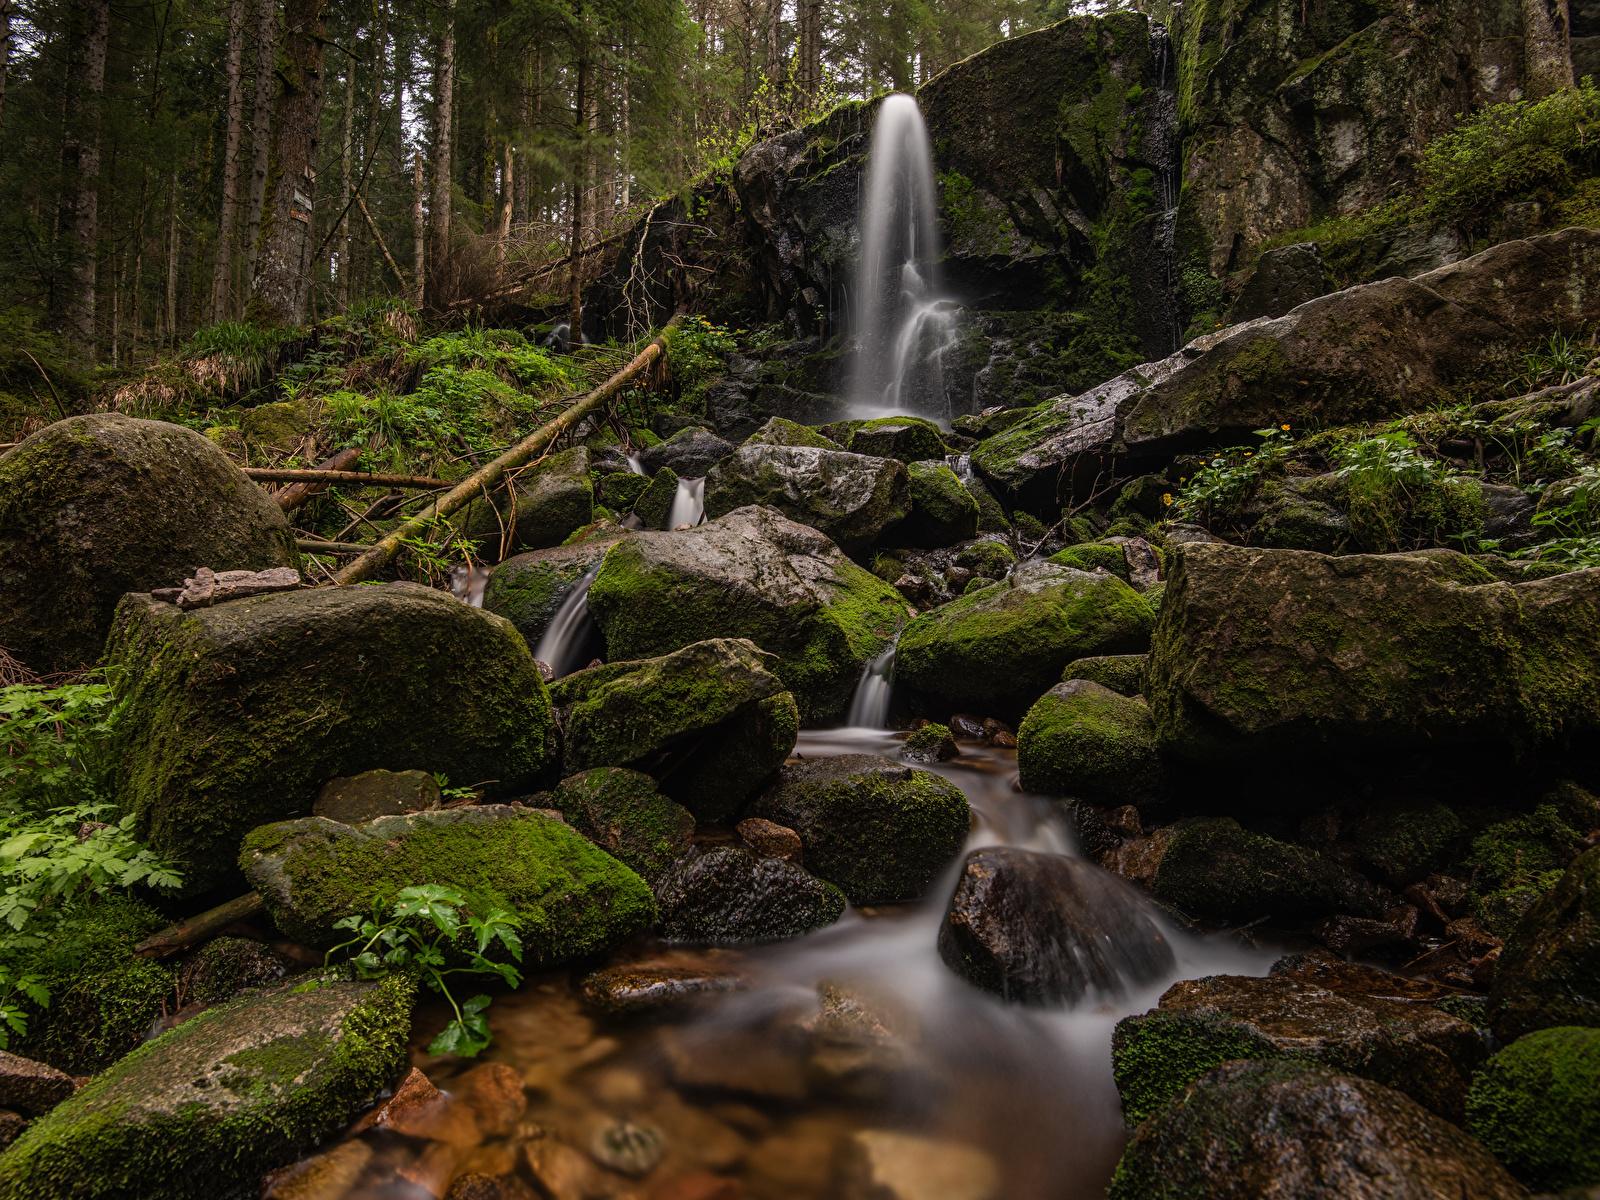 Фотографии Франция Cascade de Merelle скалы Природа Водопады лес мха Камни 1600x1200 Утес Скала скале Леса Мох мхом Камень